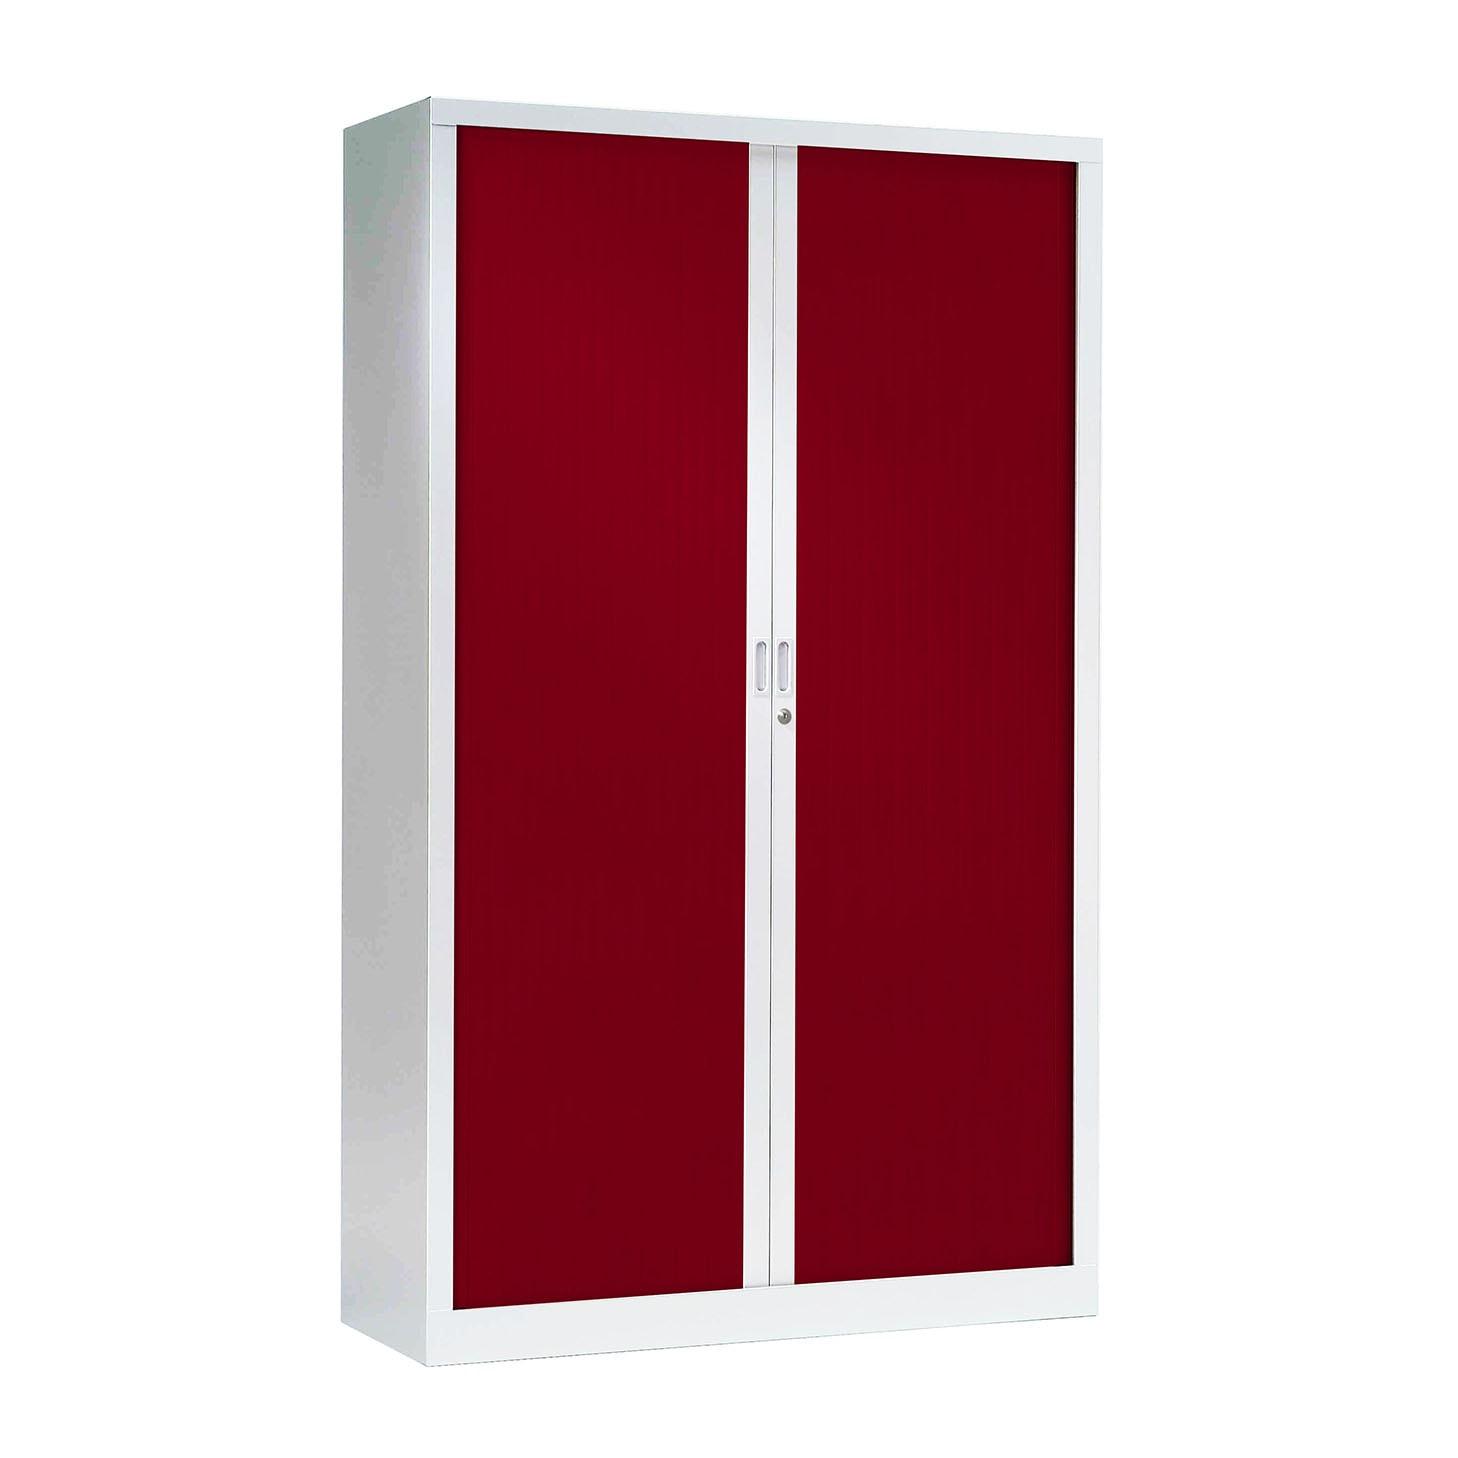 armoire rideaux fun h198 l120 armoire plus. Black Bedroom Furniture Sets. Home Design Ideas